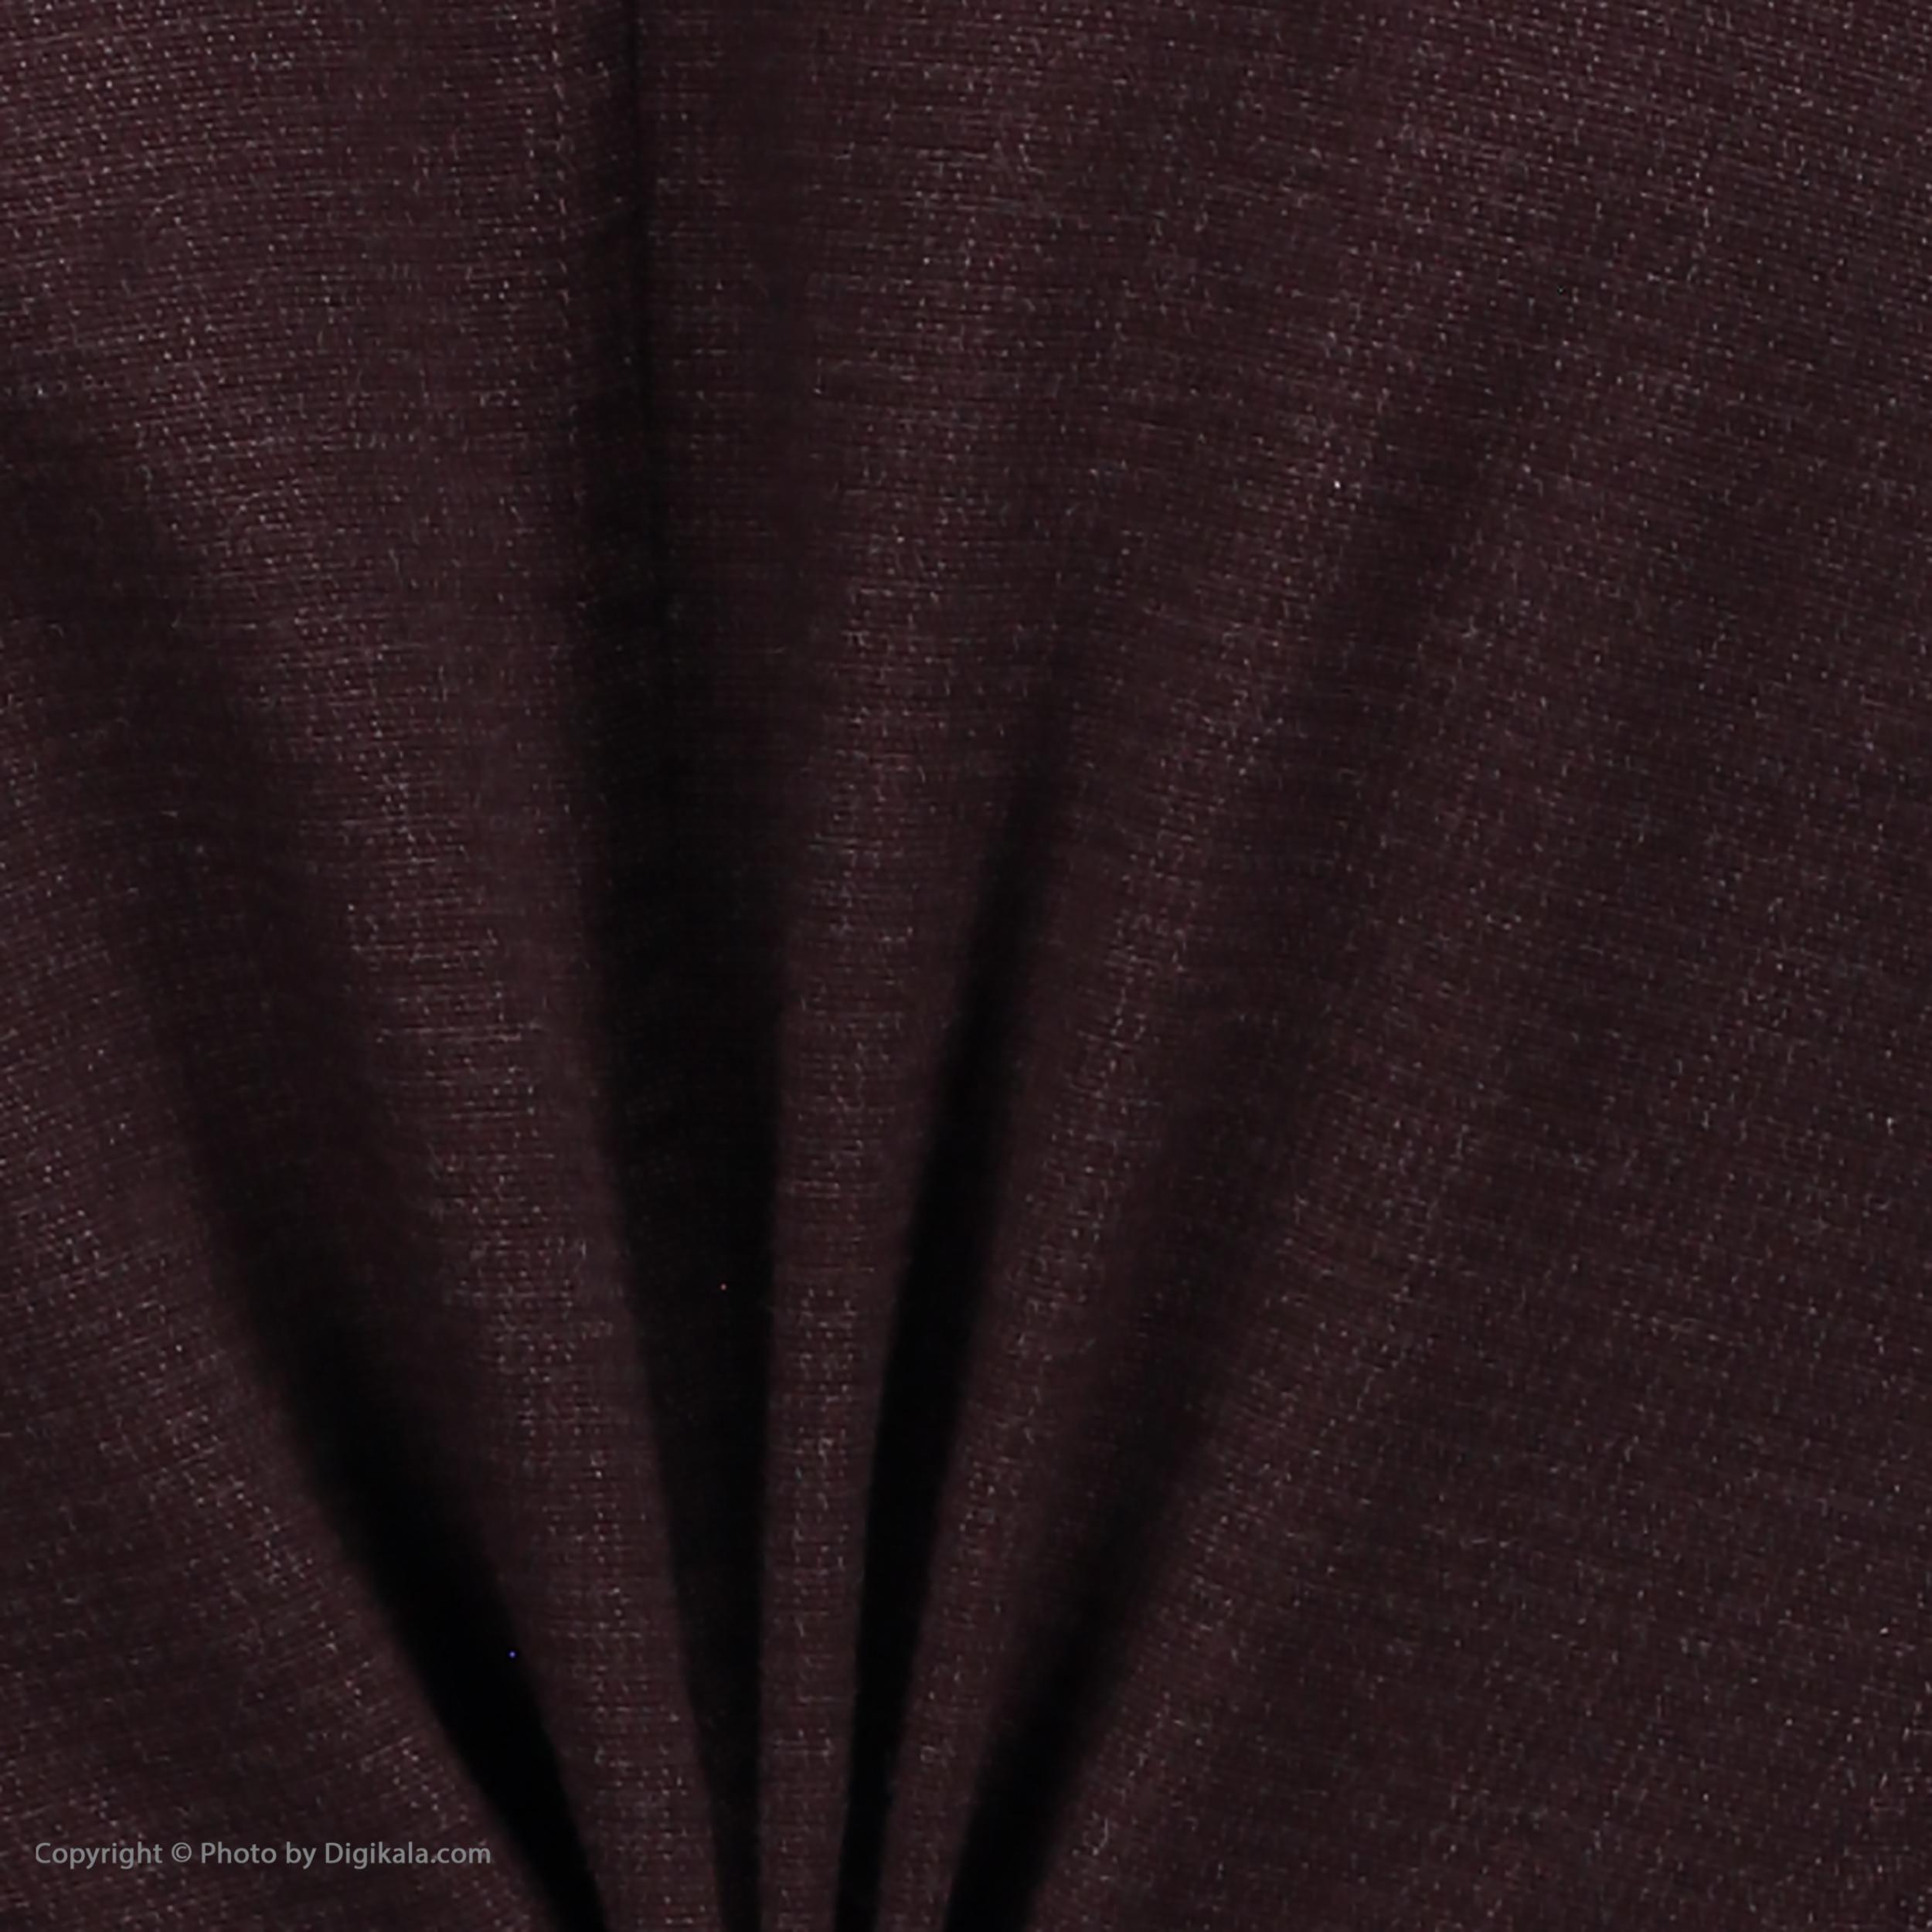 کت تک مردانه گراد کد 021 -  - 6